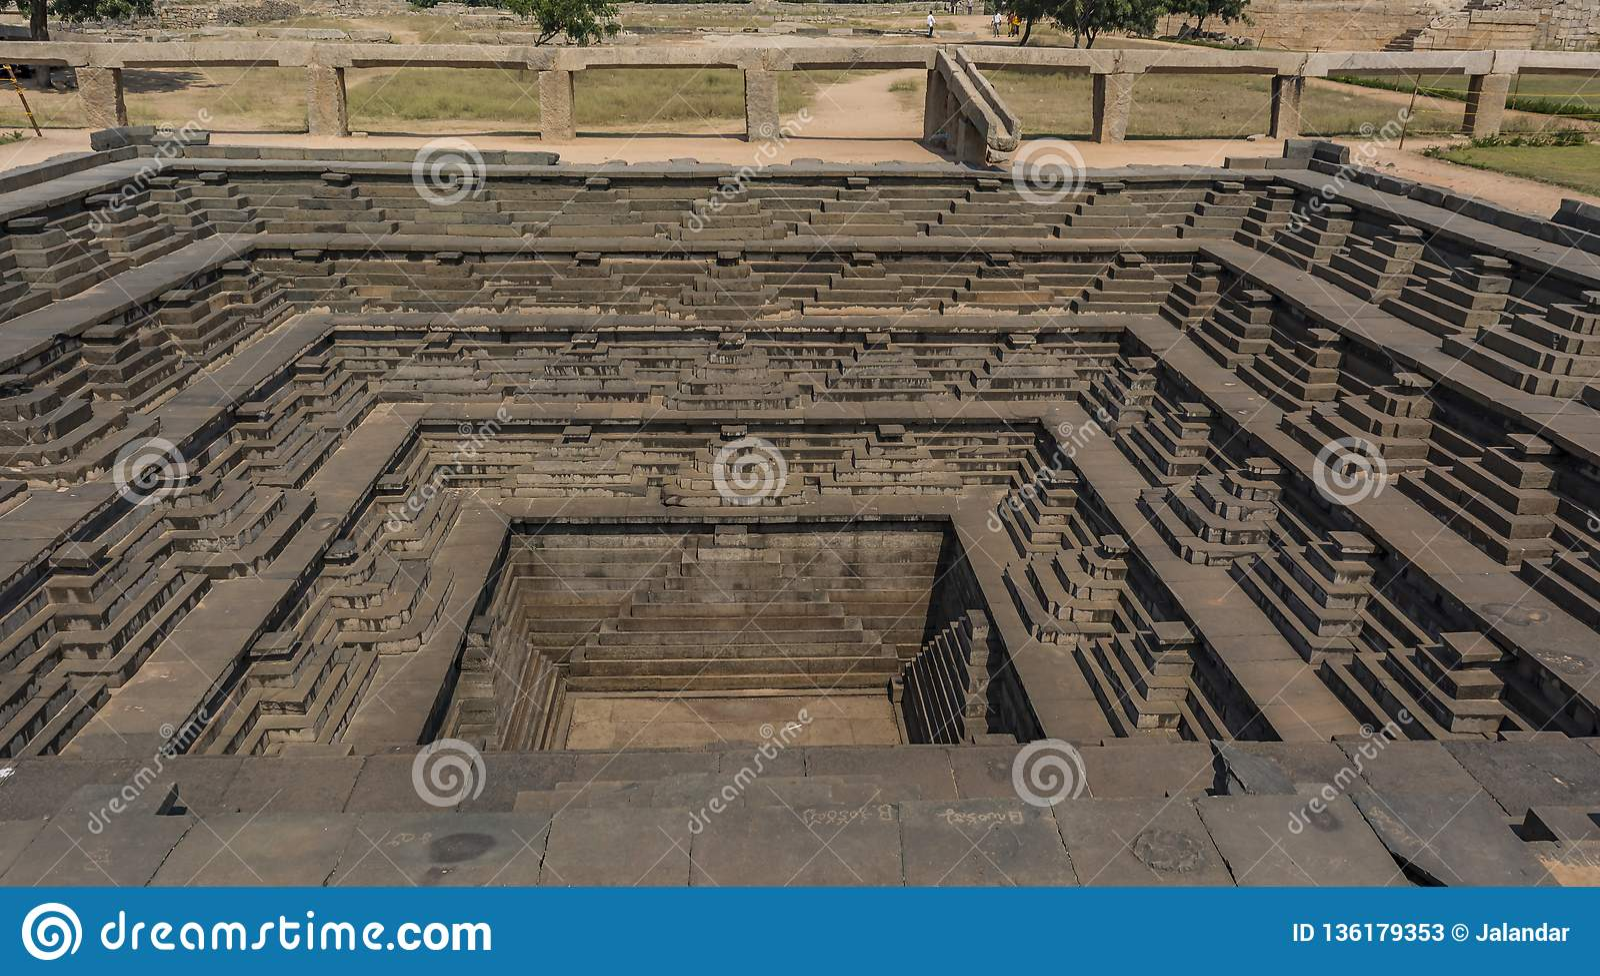 Architecture de puits public de bain et d étape - Pushkarani